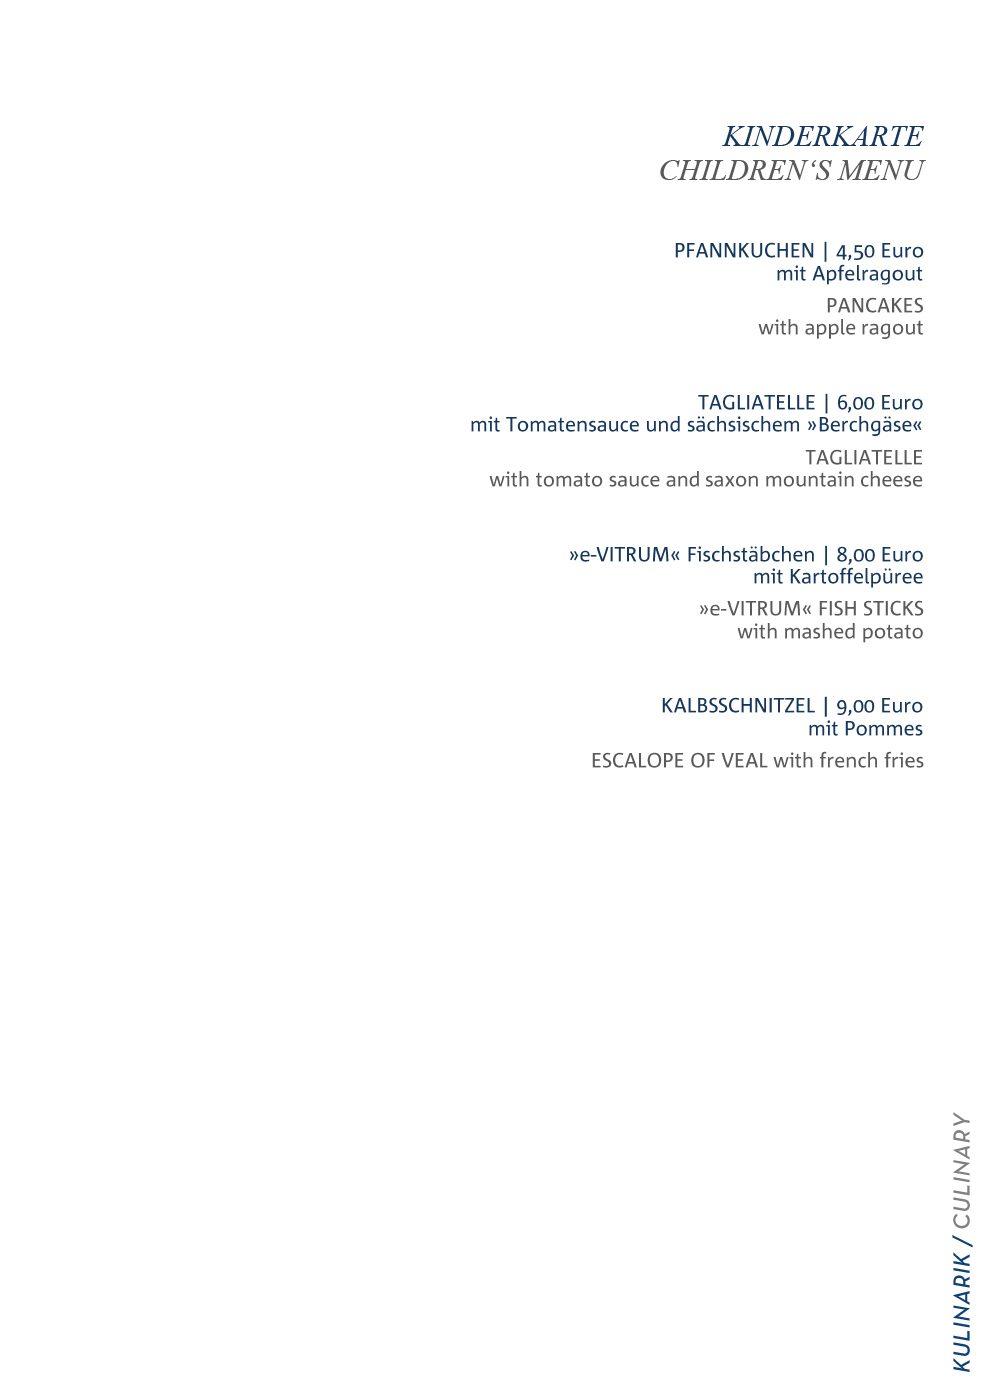 https://www.vitrum-dresden.de/wp-content/uploads/2019/09/e-VITRUM_Speisekarte_Herbst_5-990x1400.jpg